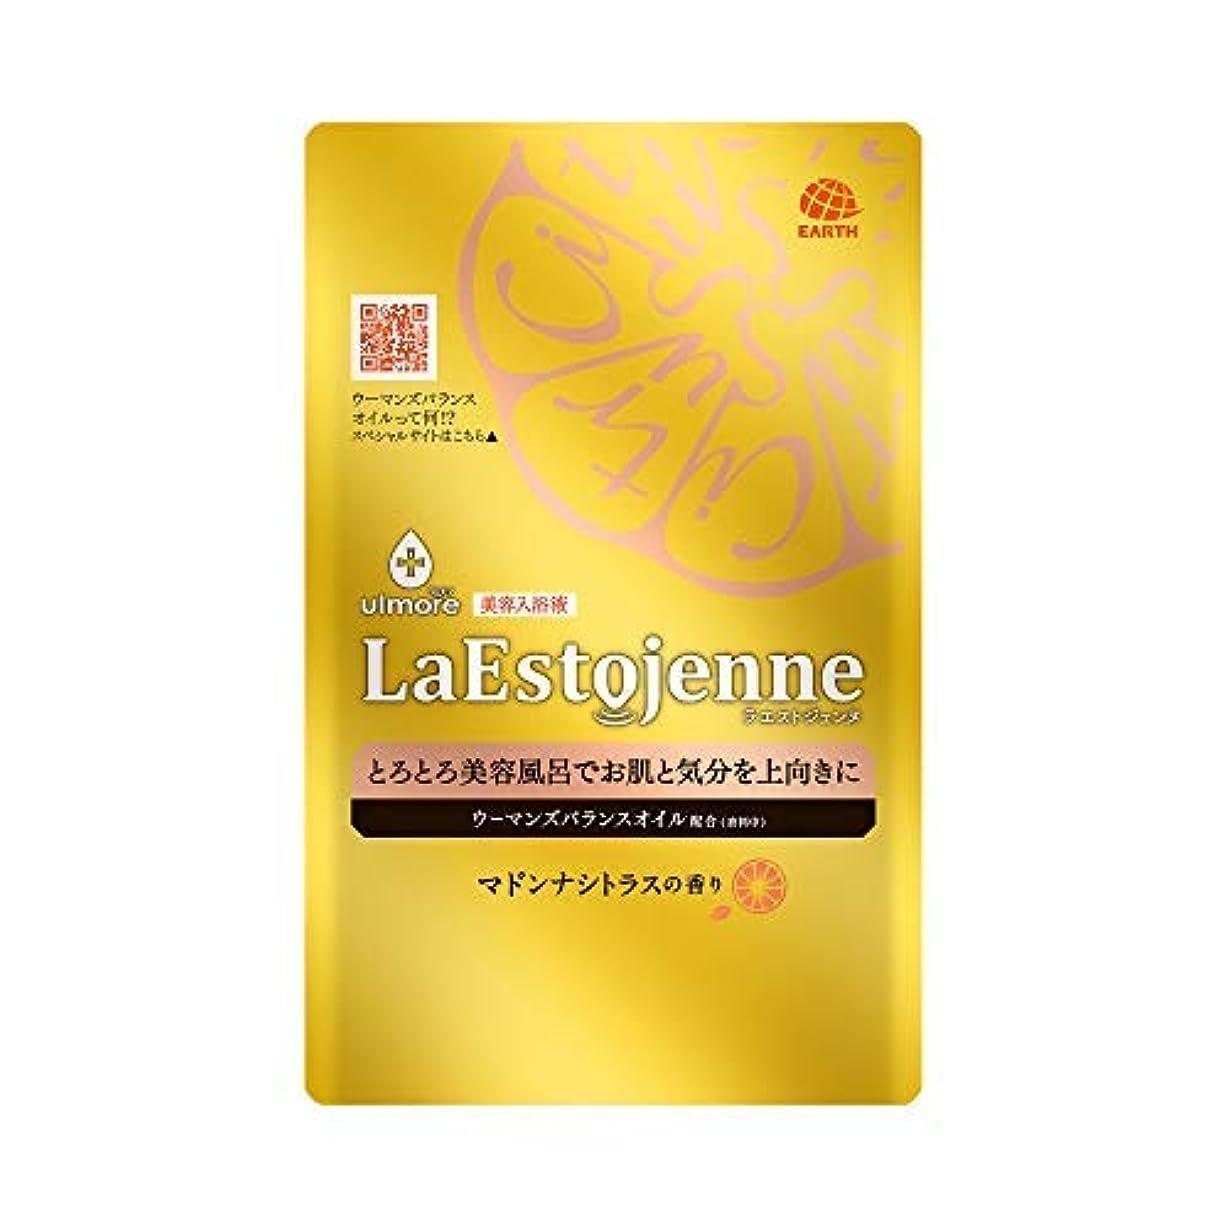 有害ネクタイスキップウルモア ラエストジェンヌ マドンナシトラスの香り 1包 × 12個セット